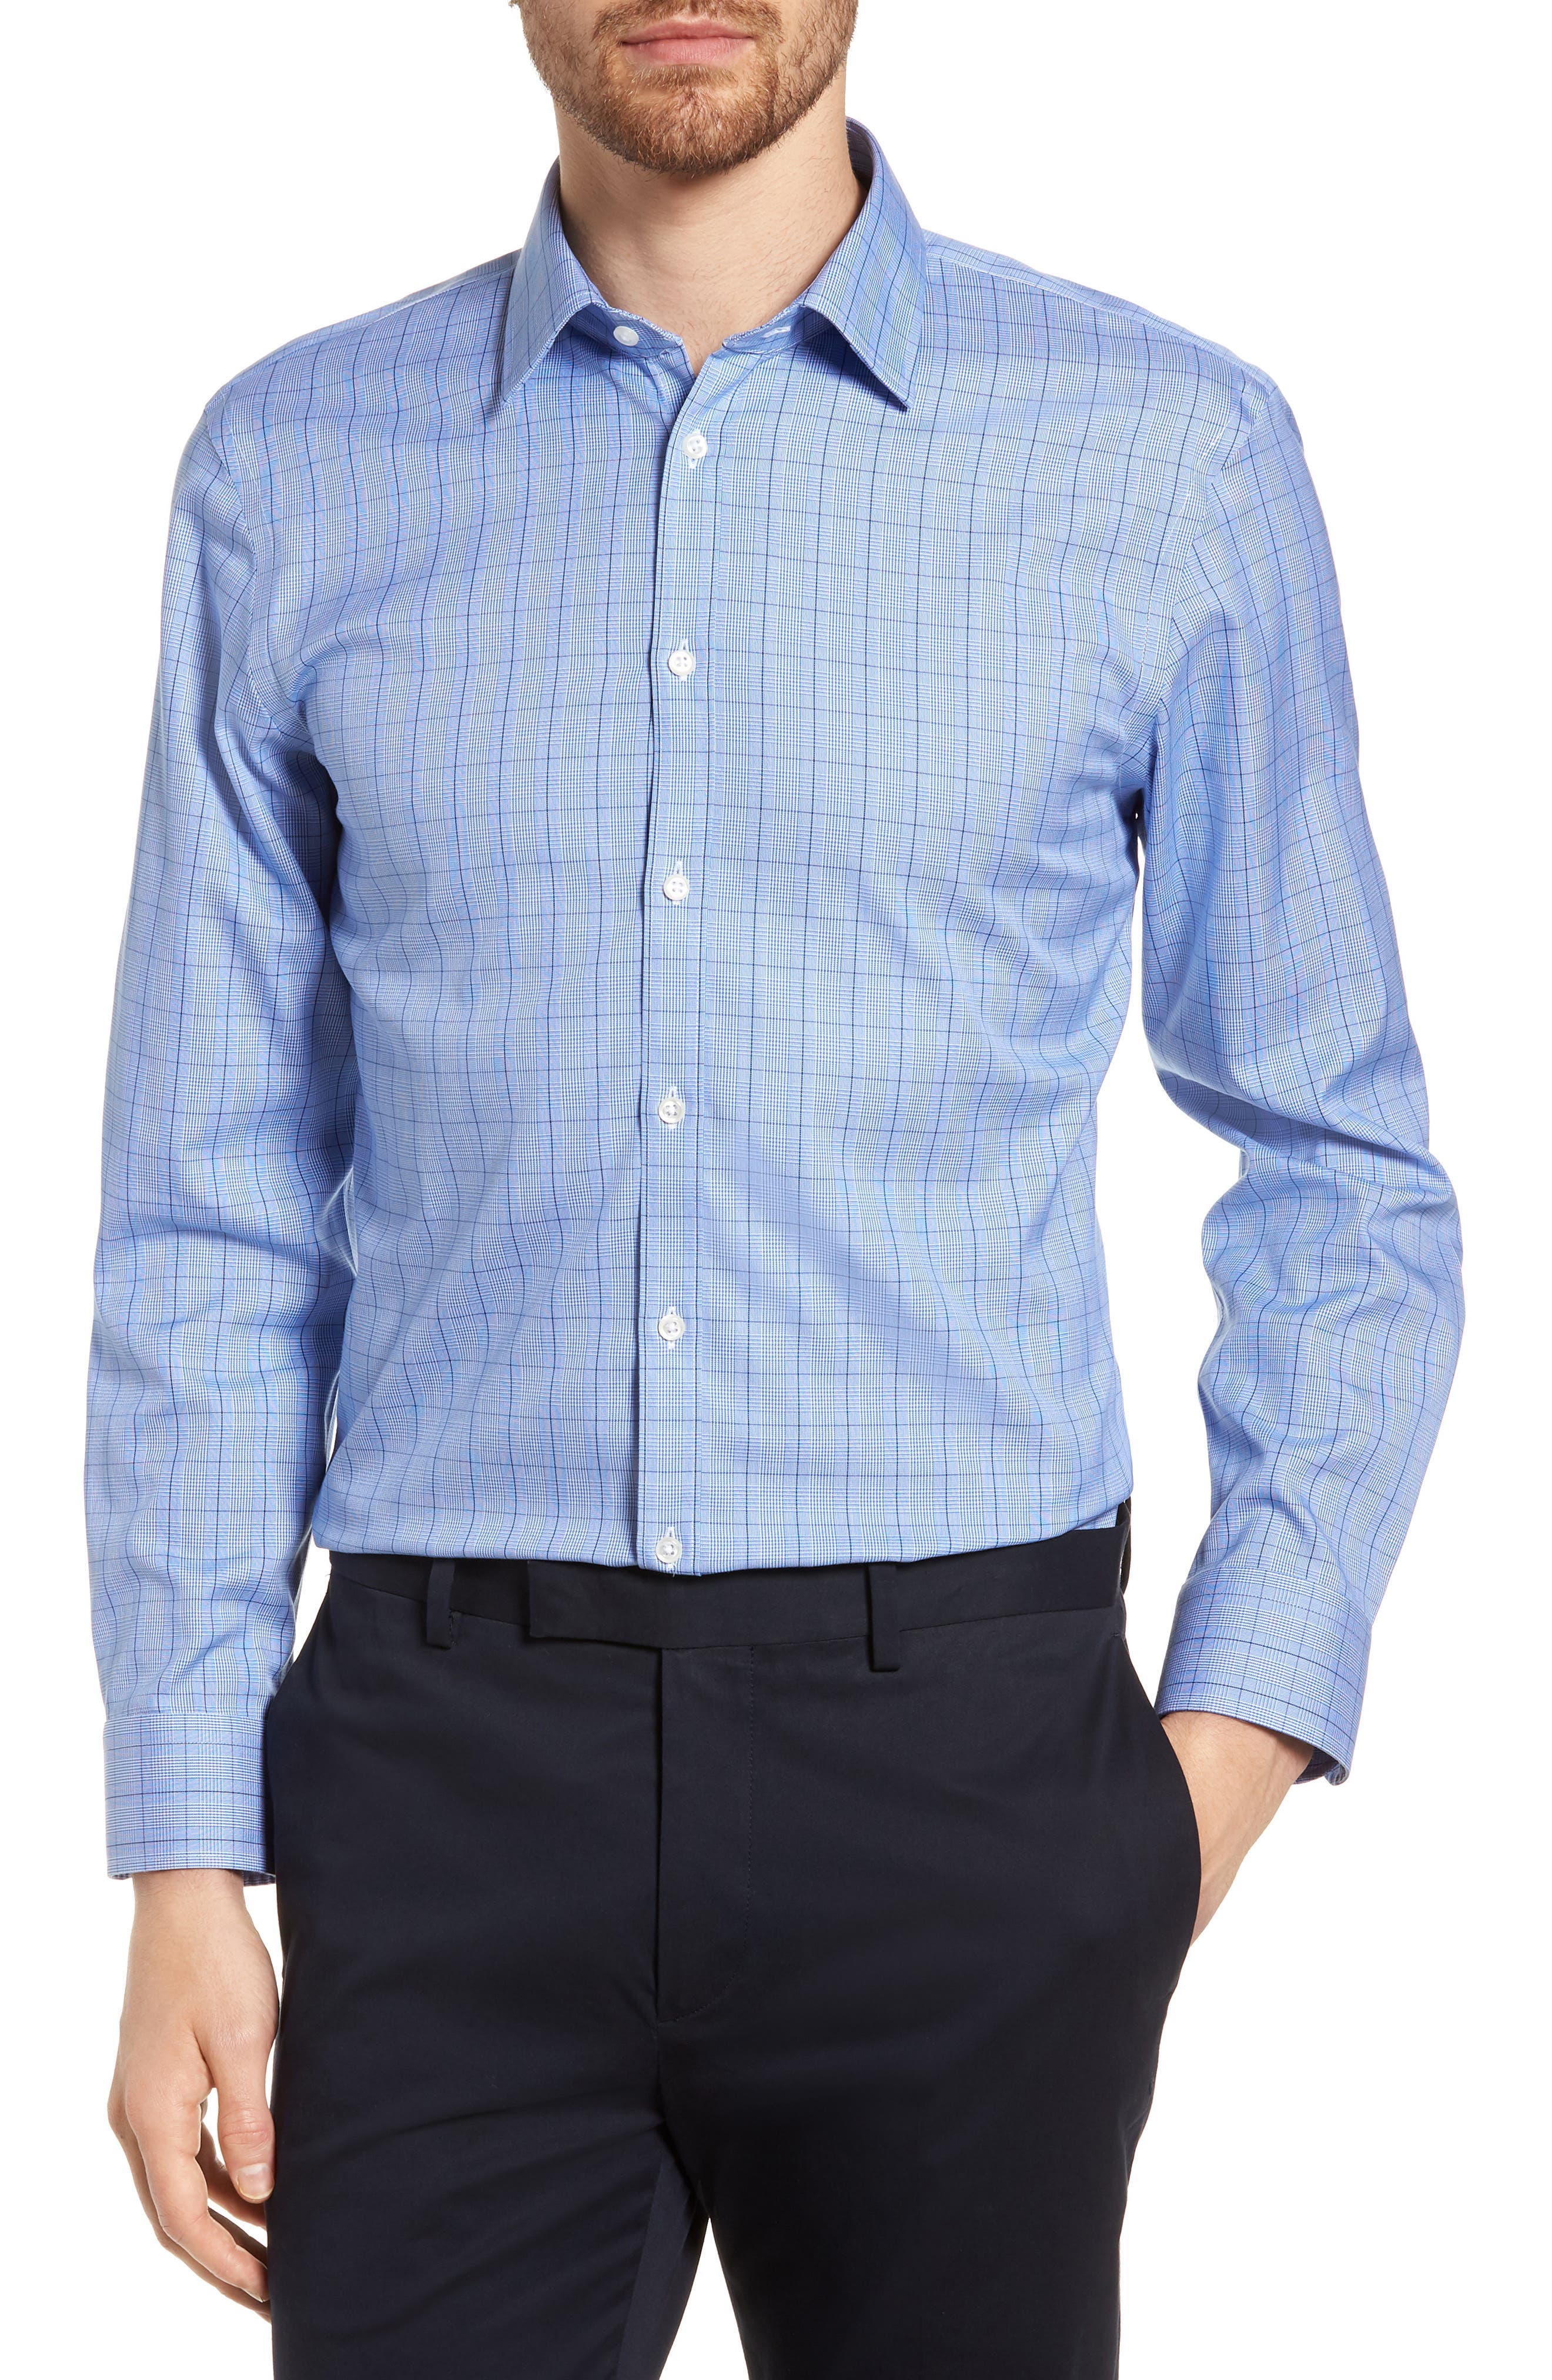 Main Image - Nordstrom Men's Shop Smartcare™ Extra Trim Fit Plaid Dress Shirt